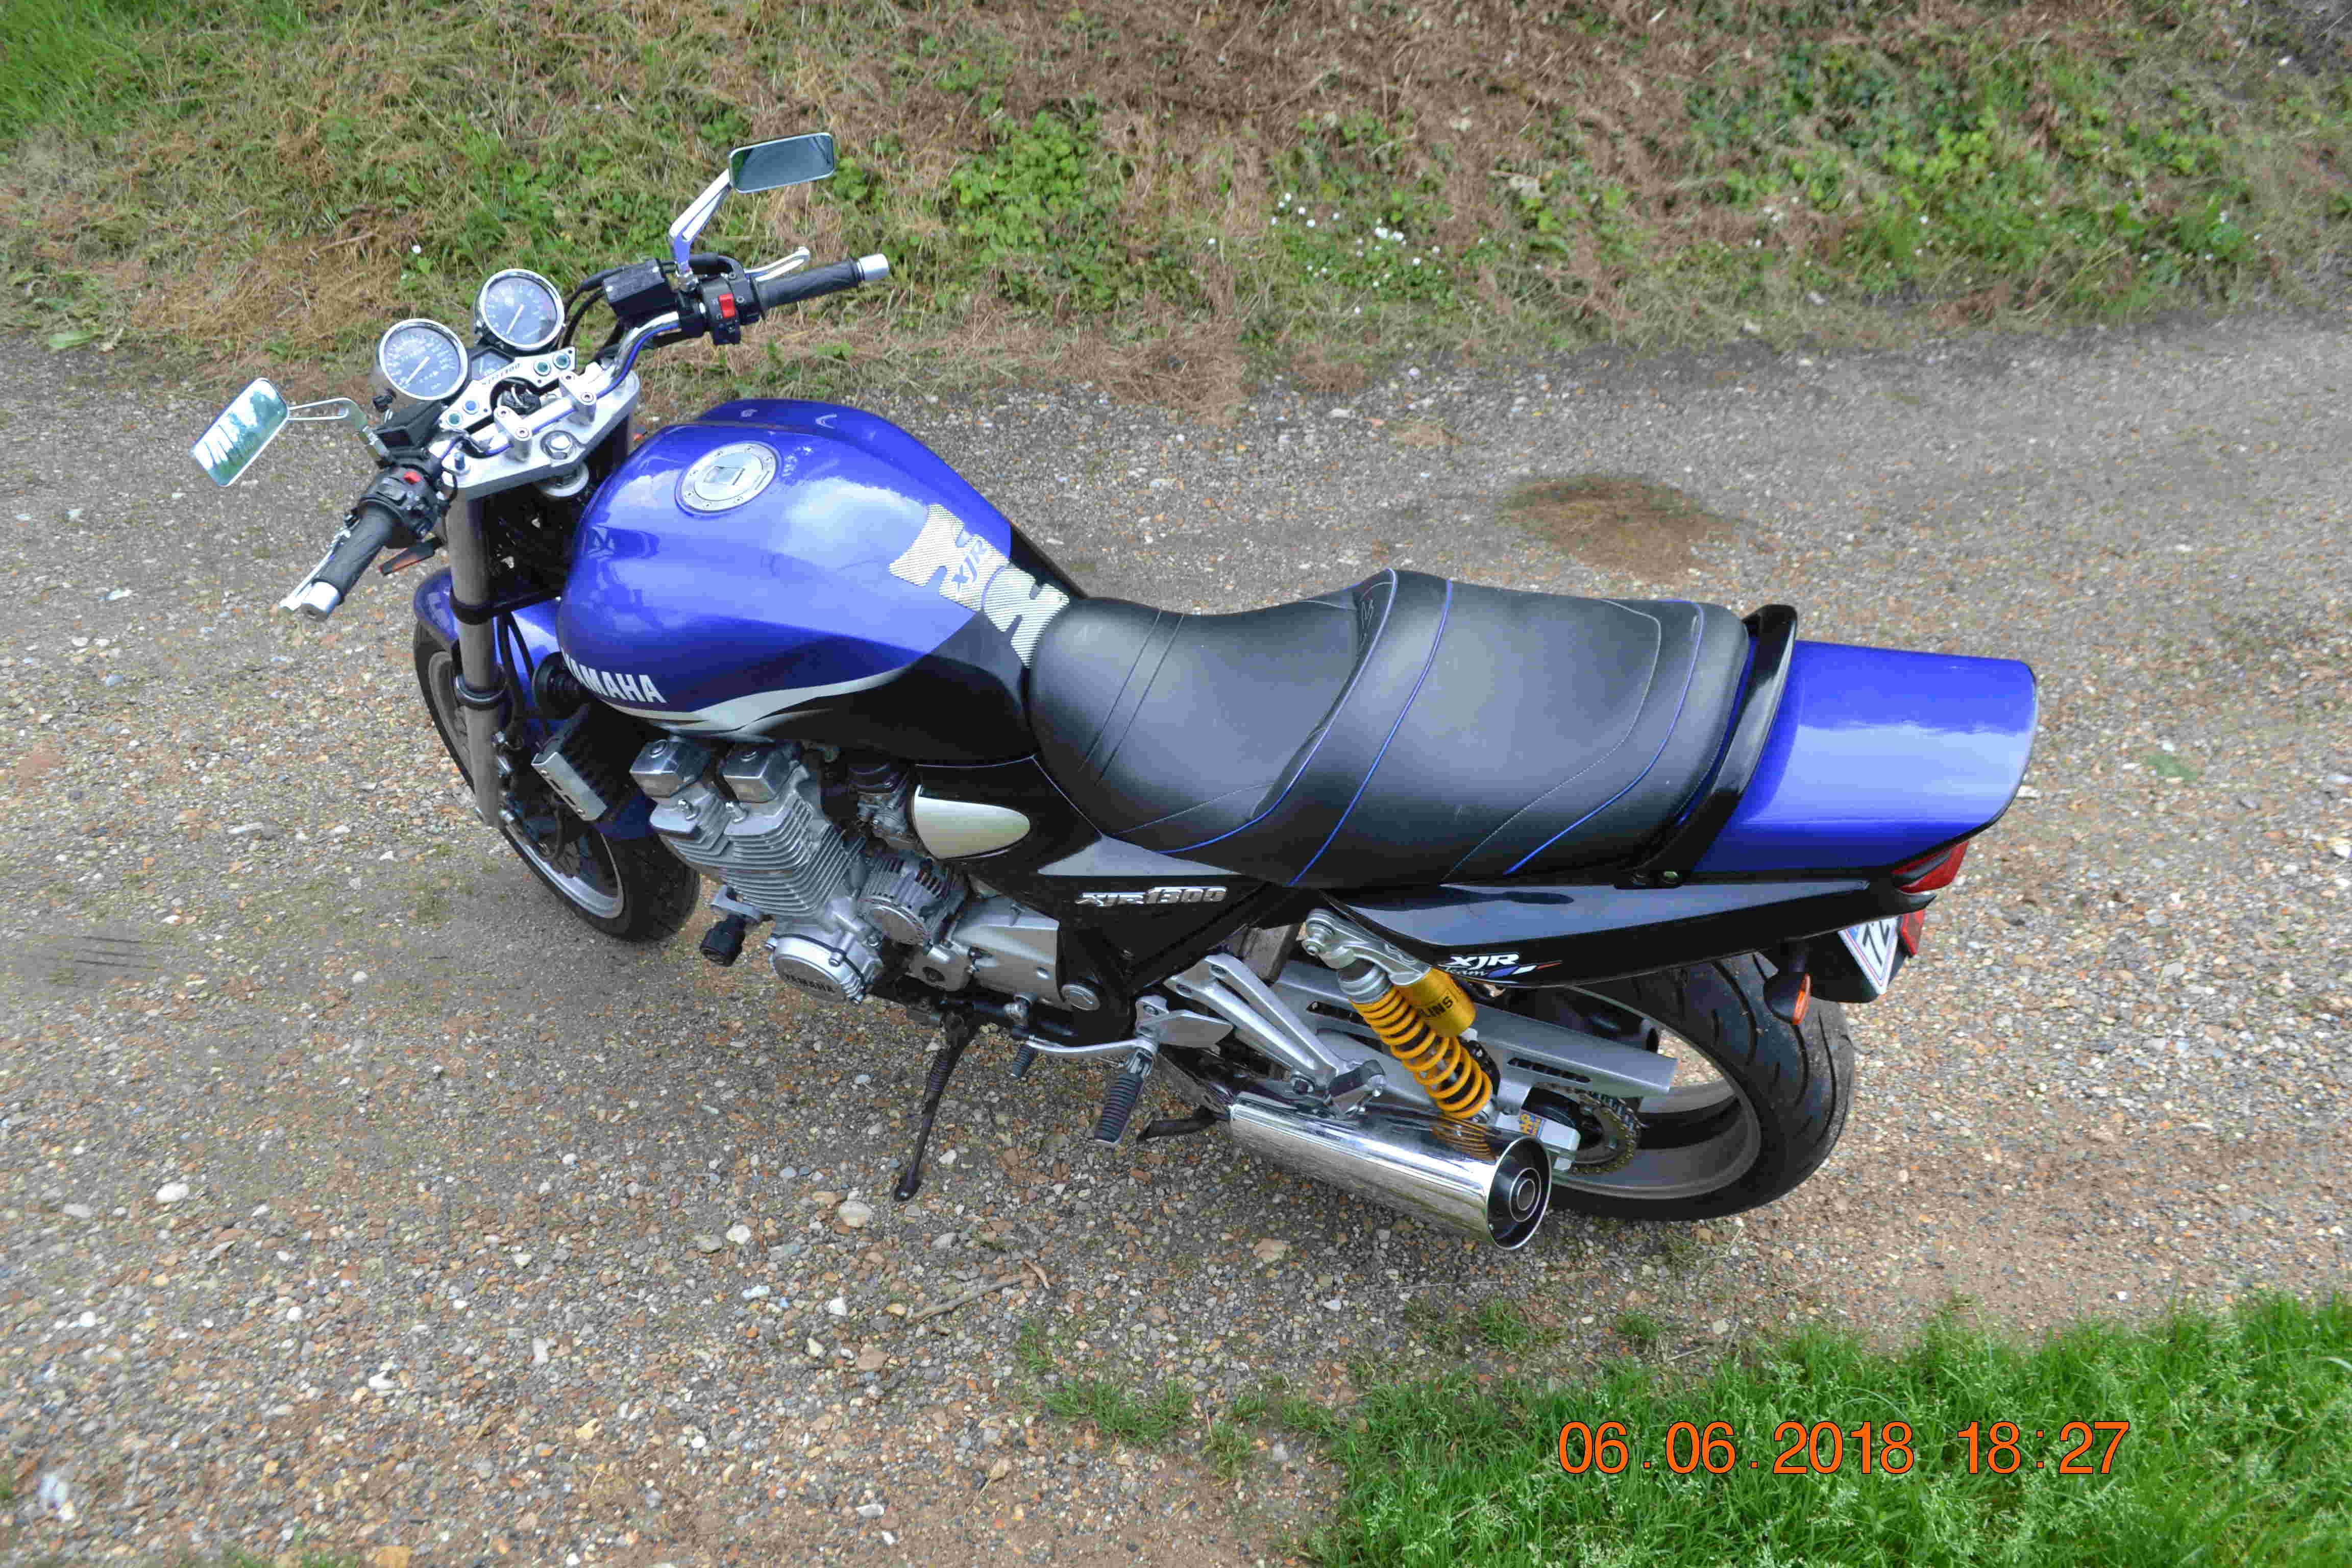 1300 xjr modele 2002 bleue Vendue Dsc_0152